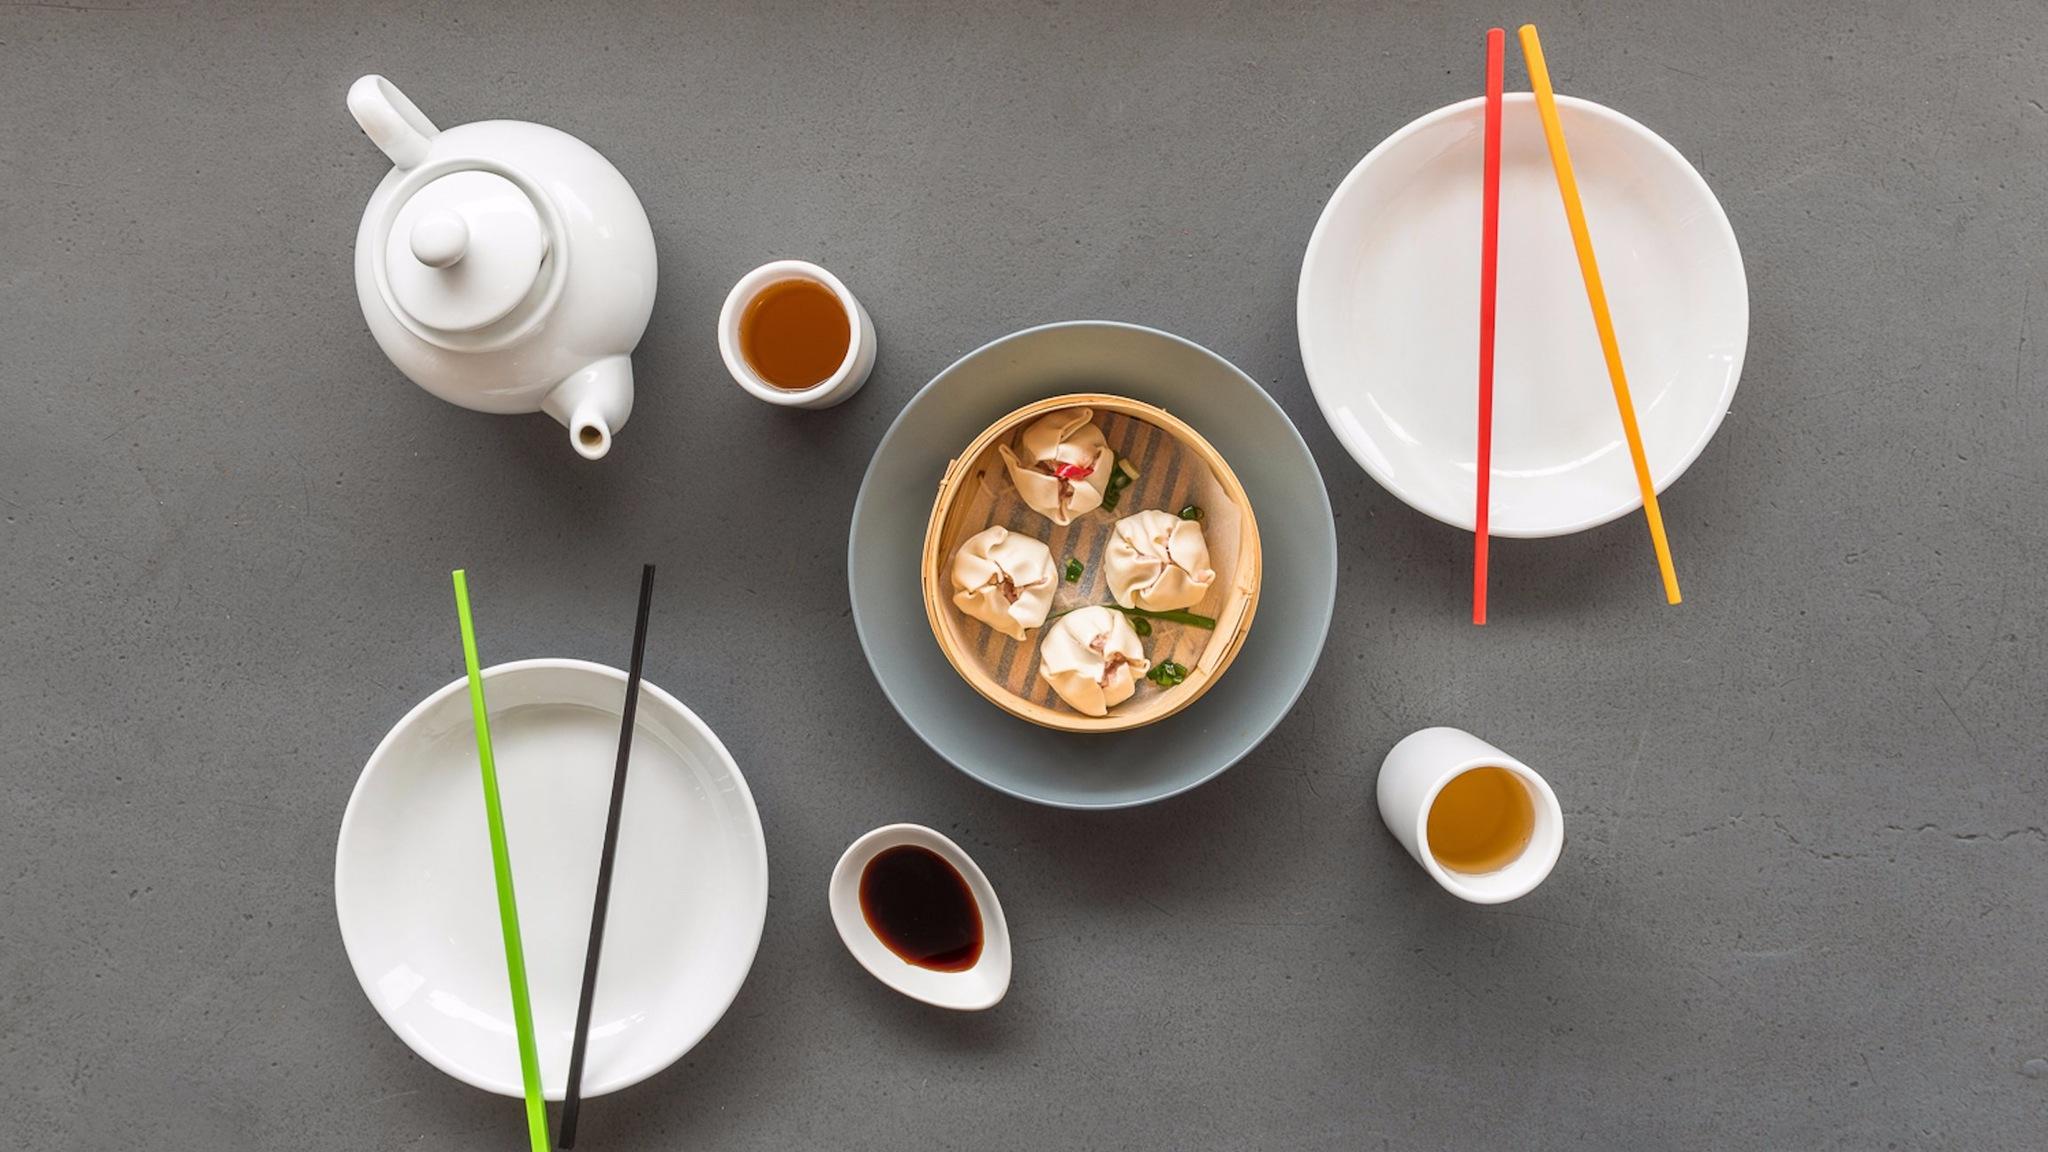 eat dumplings